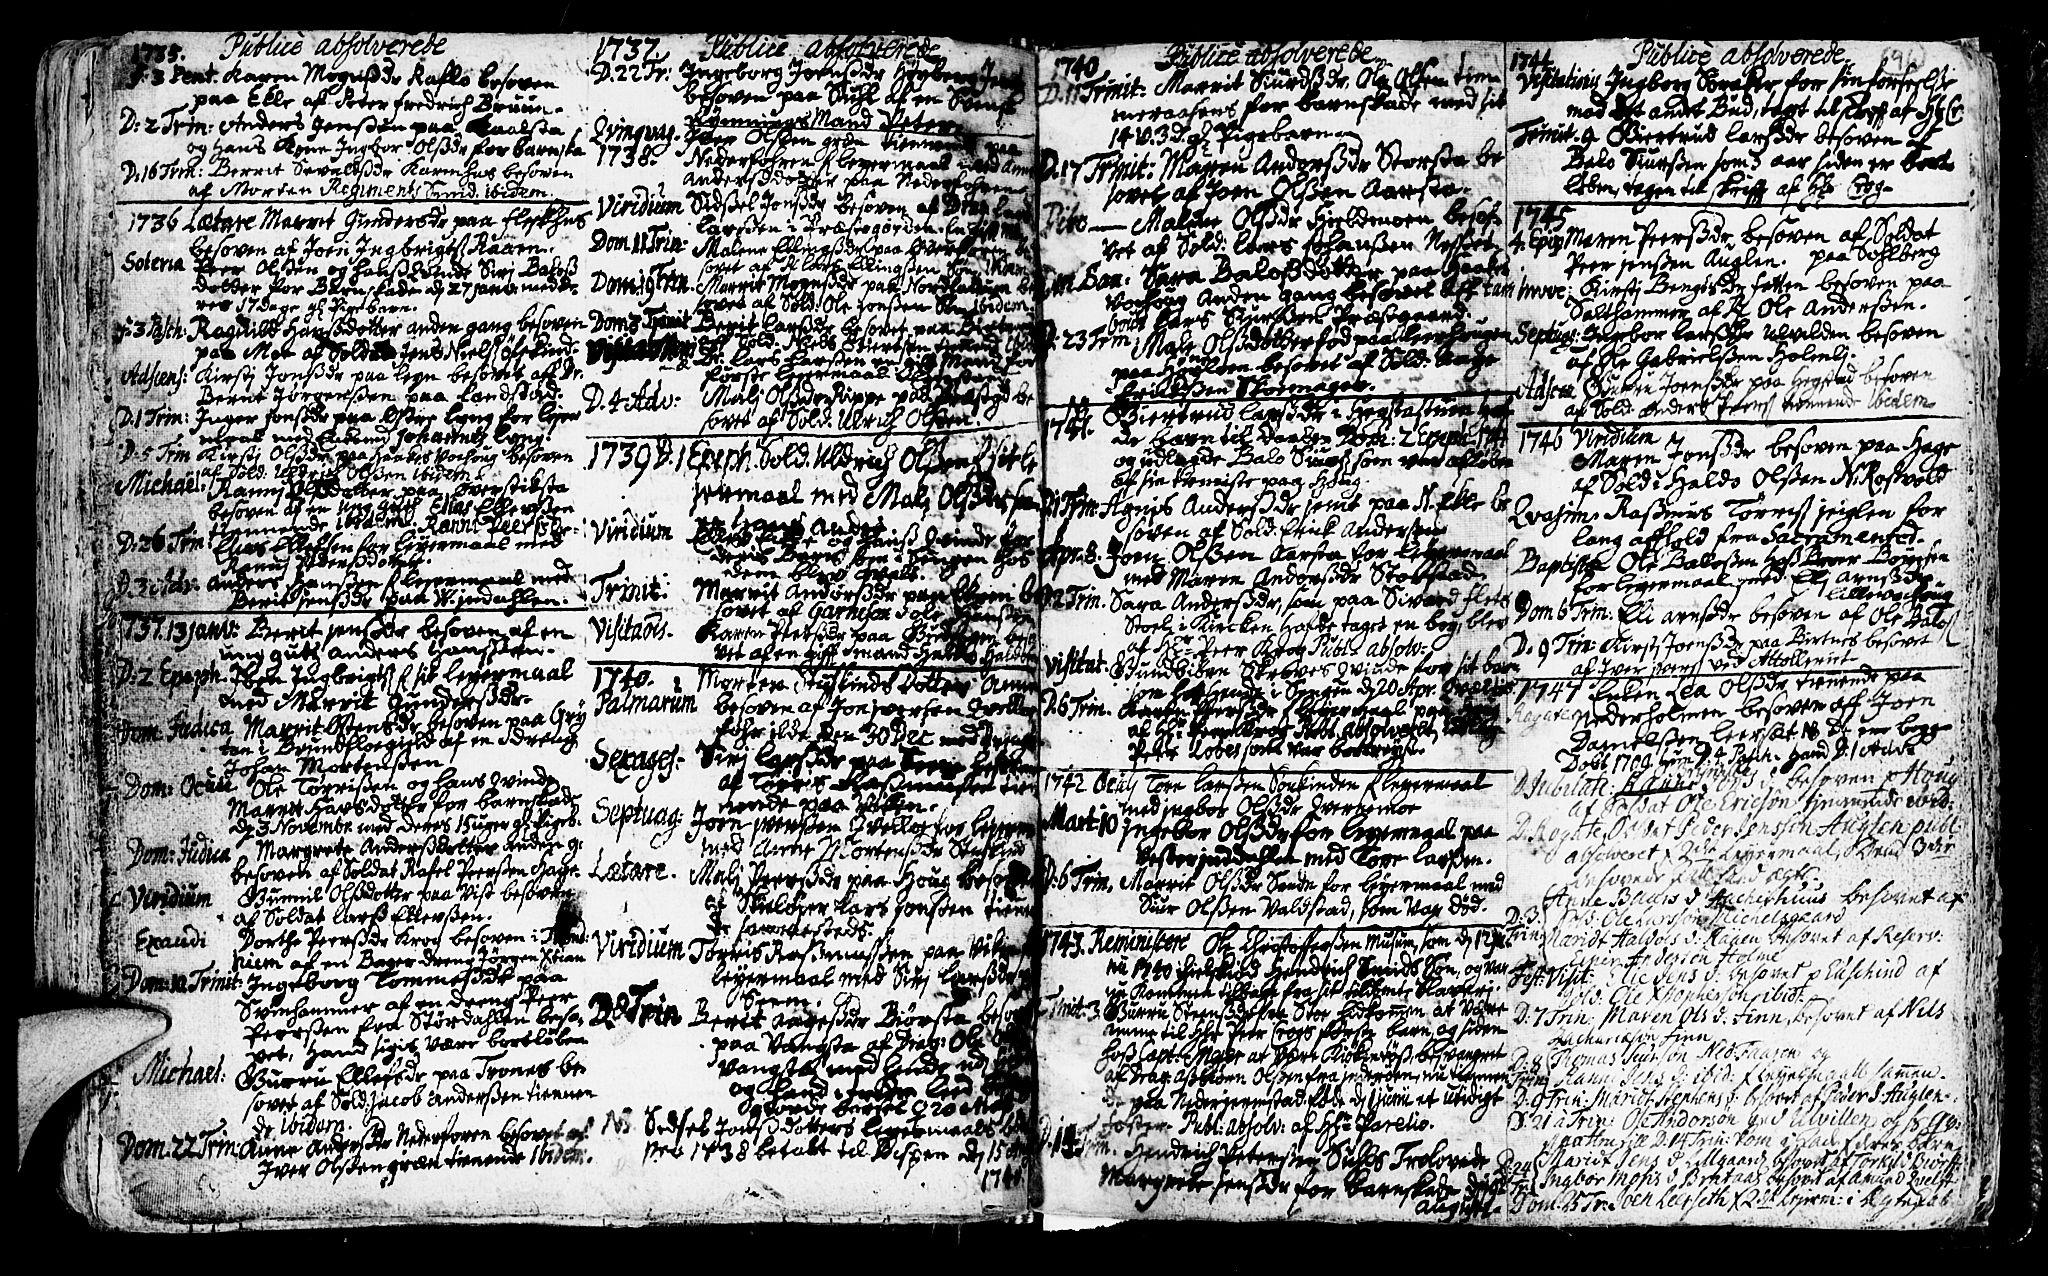 SAT, Ministerialprotokoller, klokkerbøker og fødselsregistre - Nord-Trøndelag, 723/L0230: Ministerialbok nr. 723A01, 1705-1747, s. 96